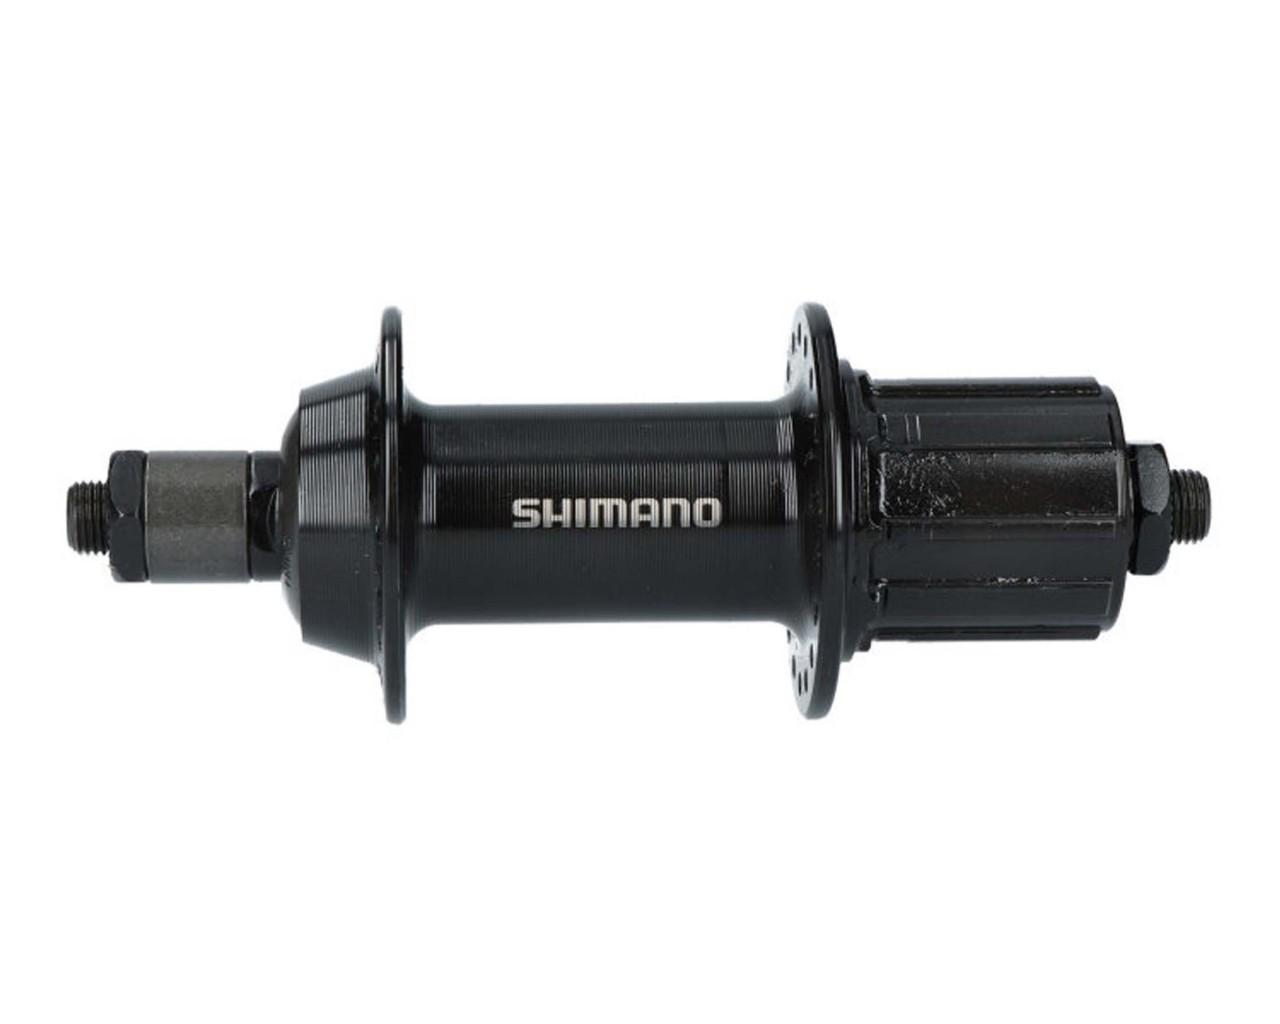 Shimano Hinterradnabe FH-TY500 7-fach - Schnellspanner 135 mm | schwarz 36 Loch